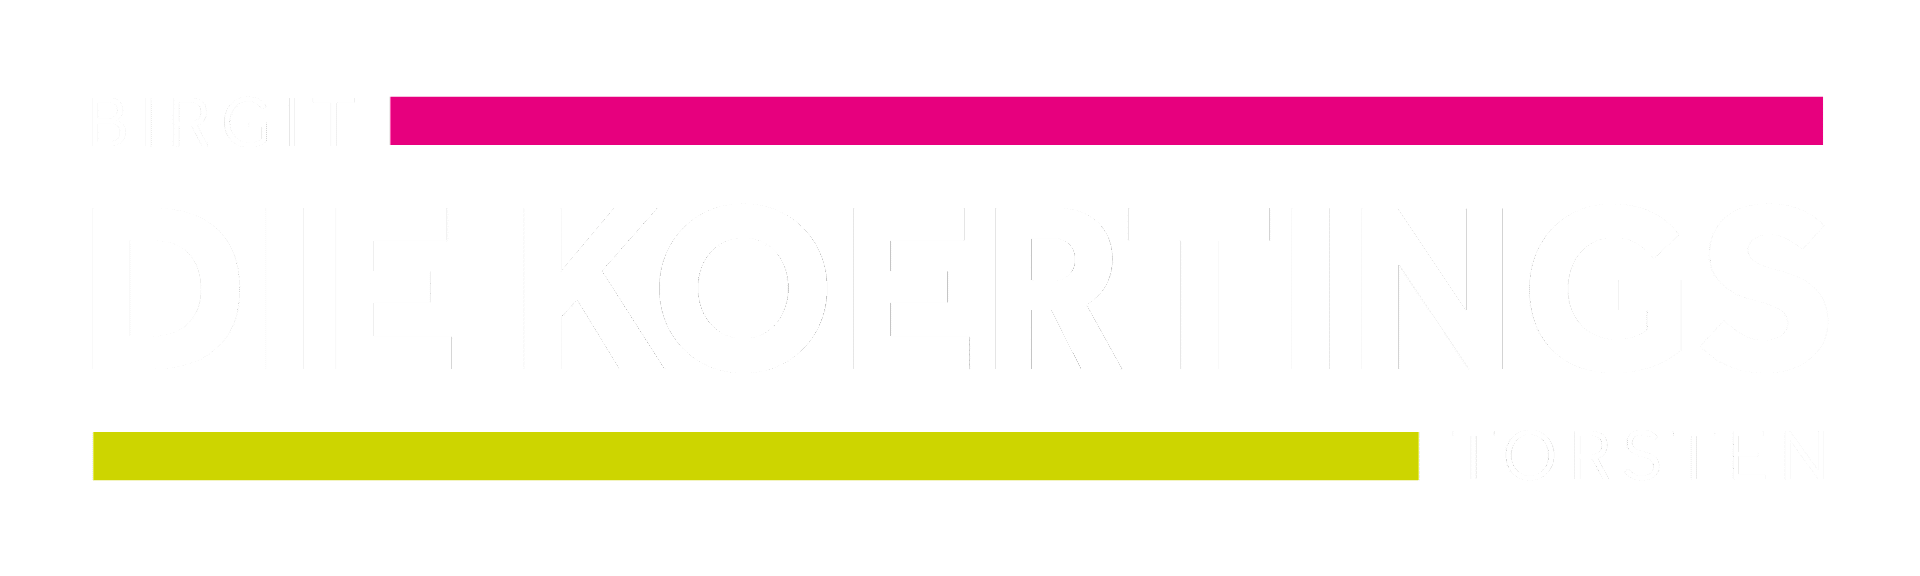 RZ_Logo_KOERTINGS_farbig_invertiert_transparent